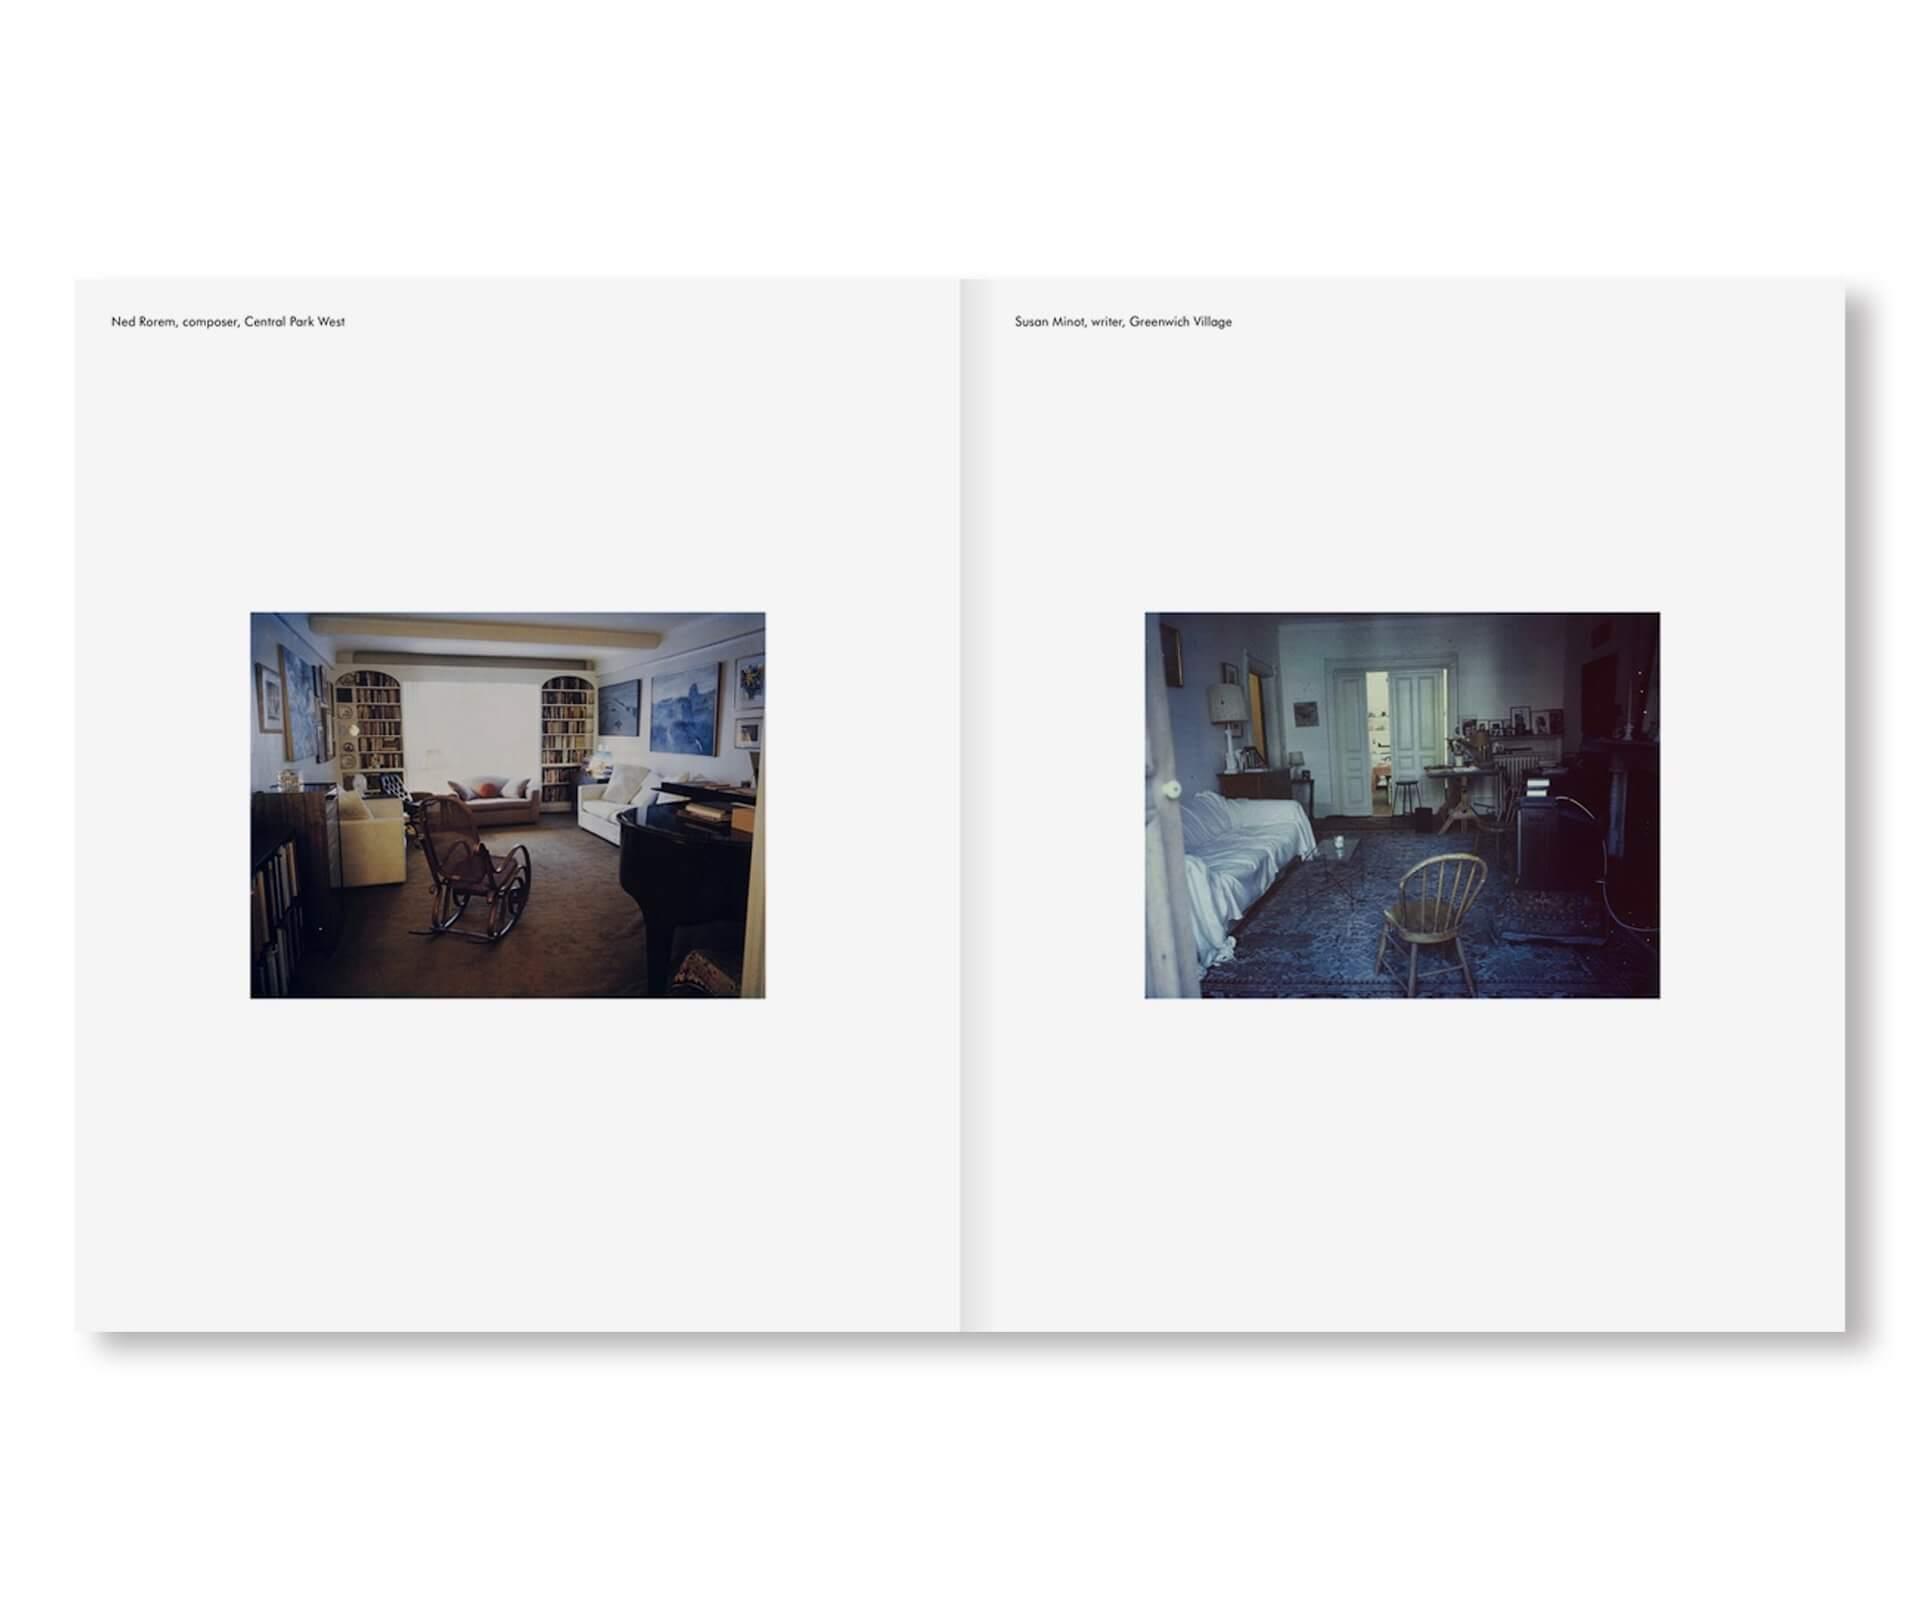 アートブックノススメ|Qetic編集部が選ぶ5冊/Roni Ahn 他 column210916_artbook-08